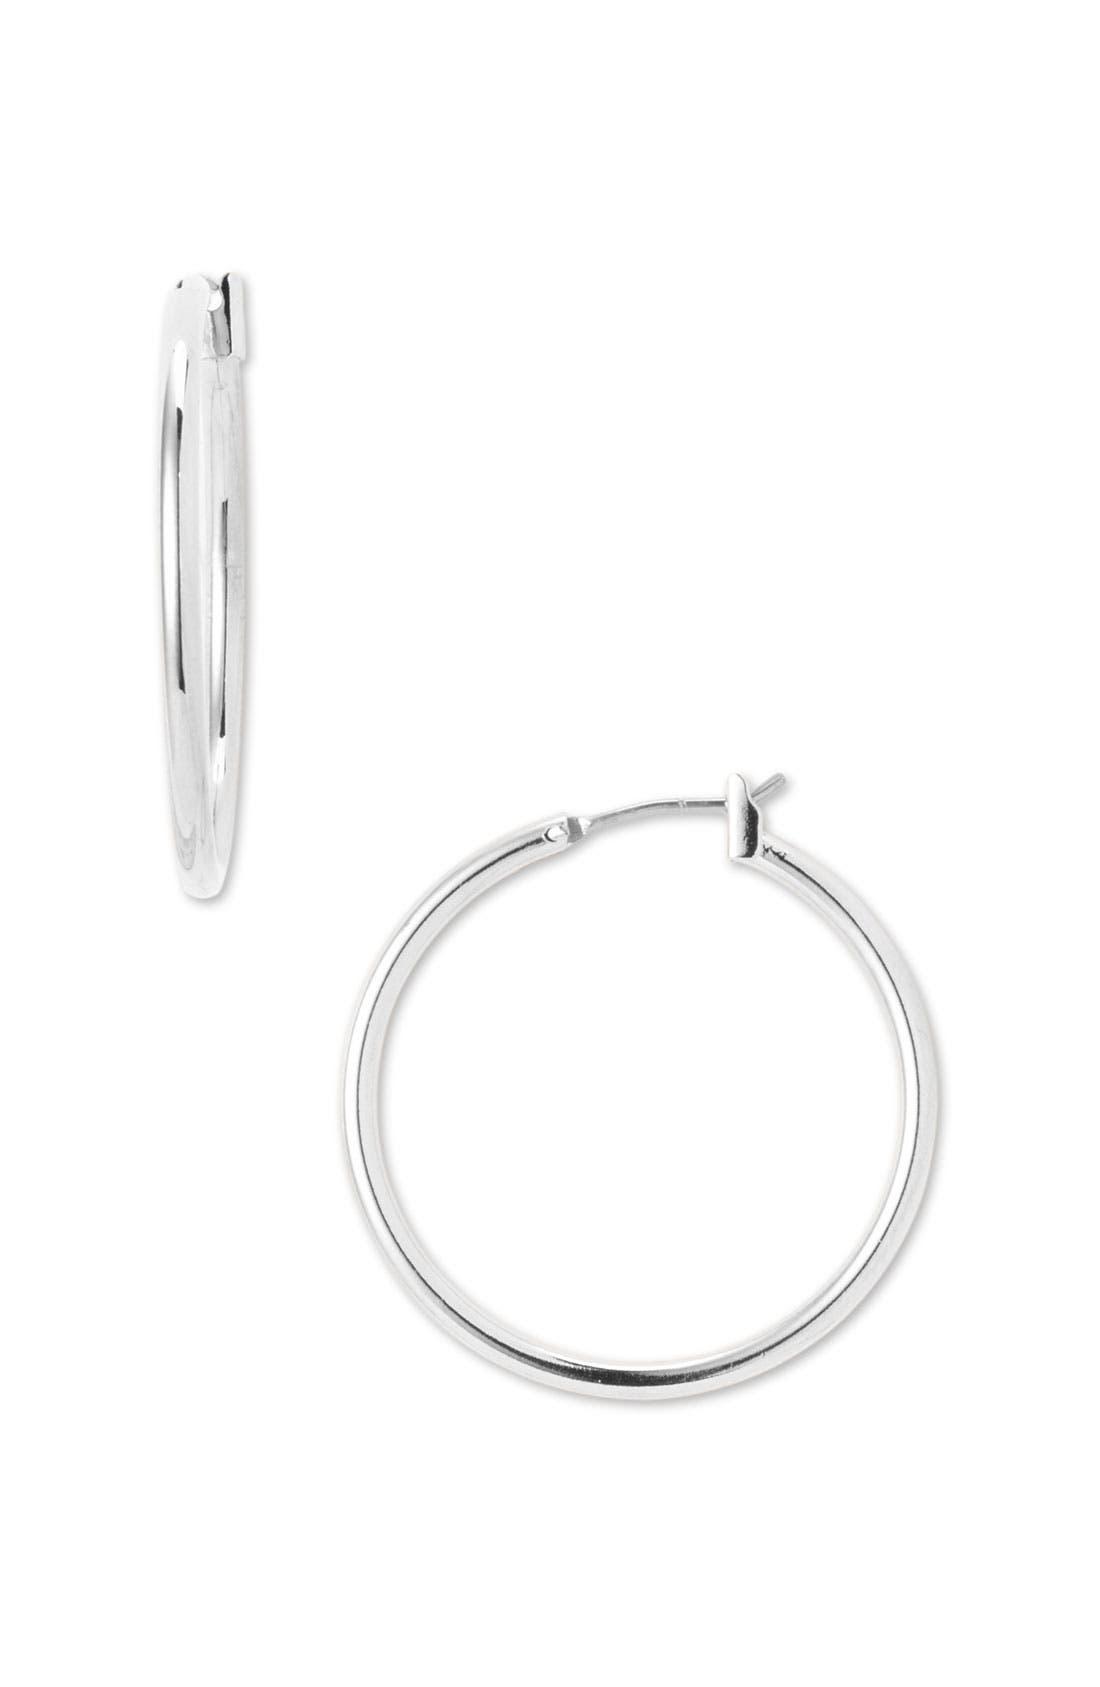 Alternate Image 1 Selected - Nordstrom Tube Hoop Earrings